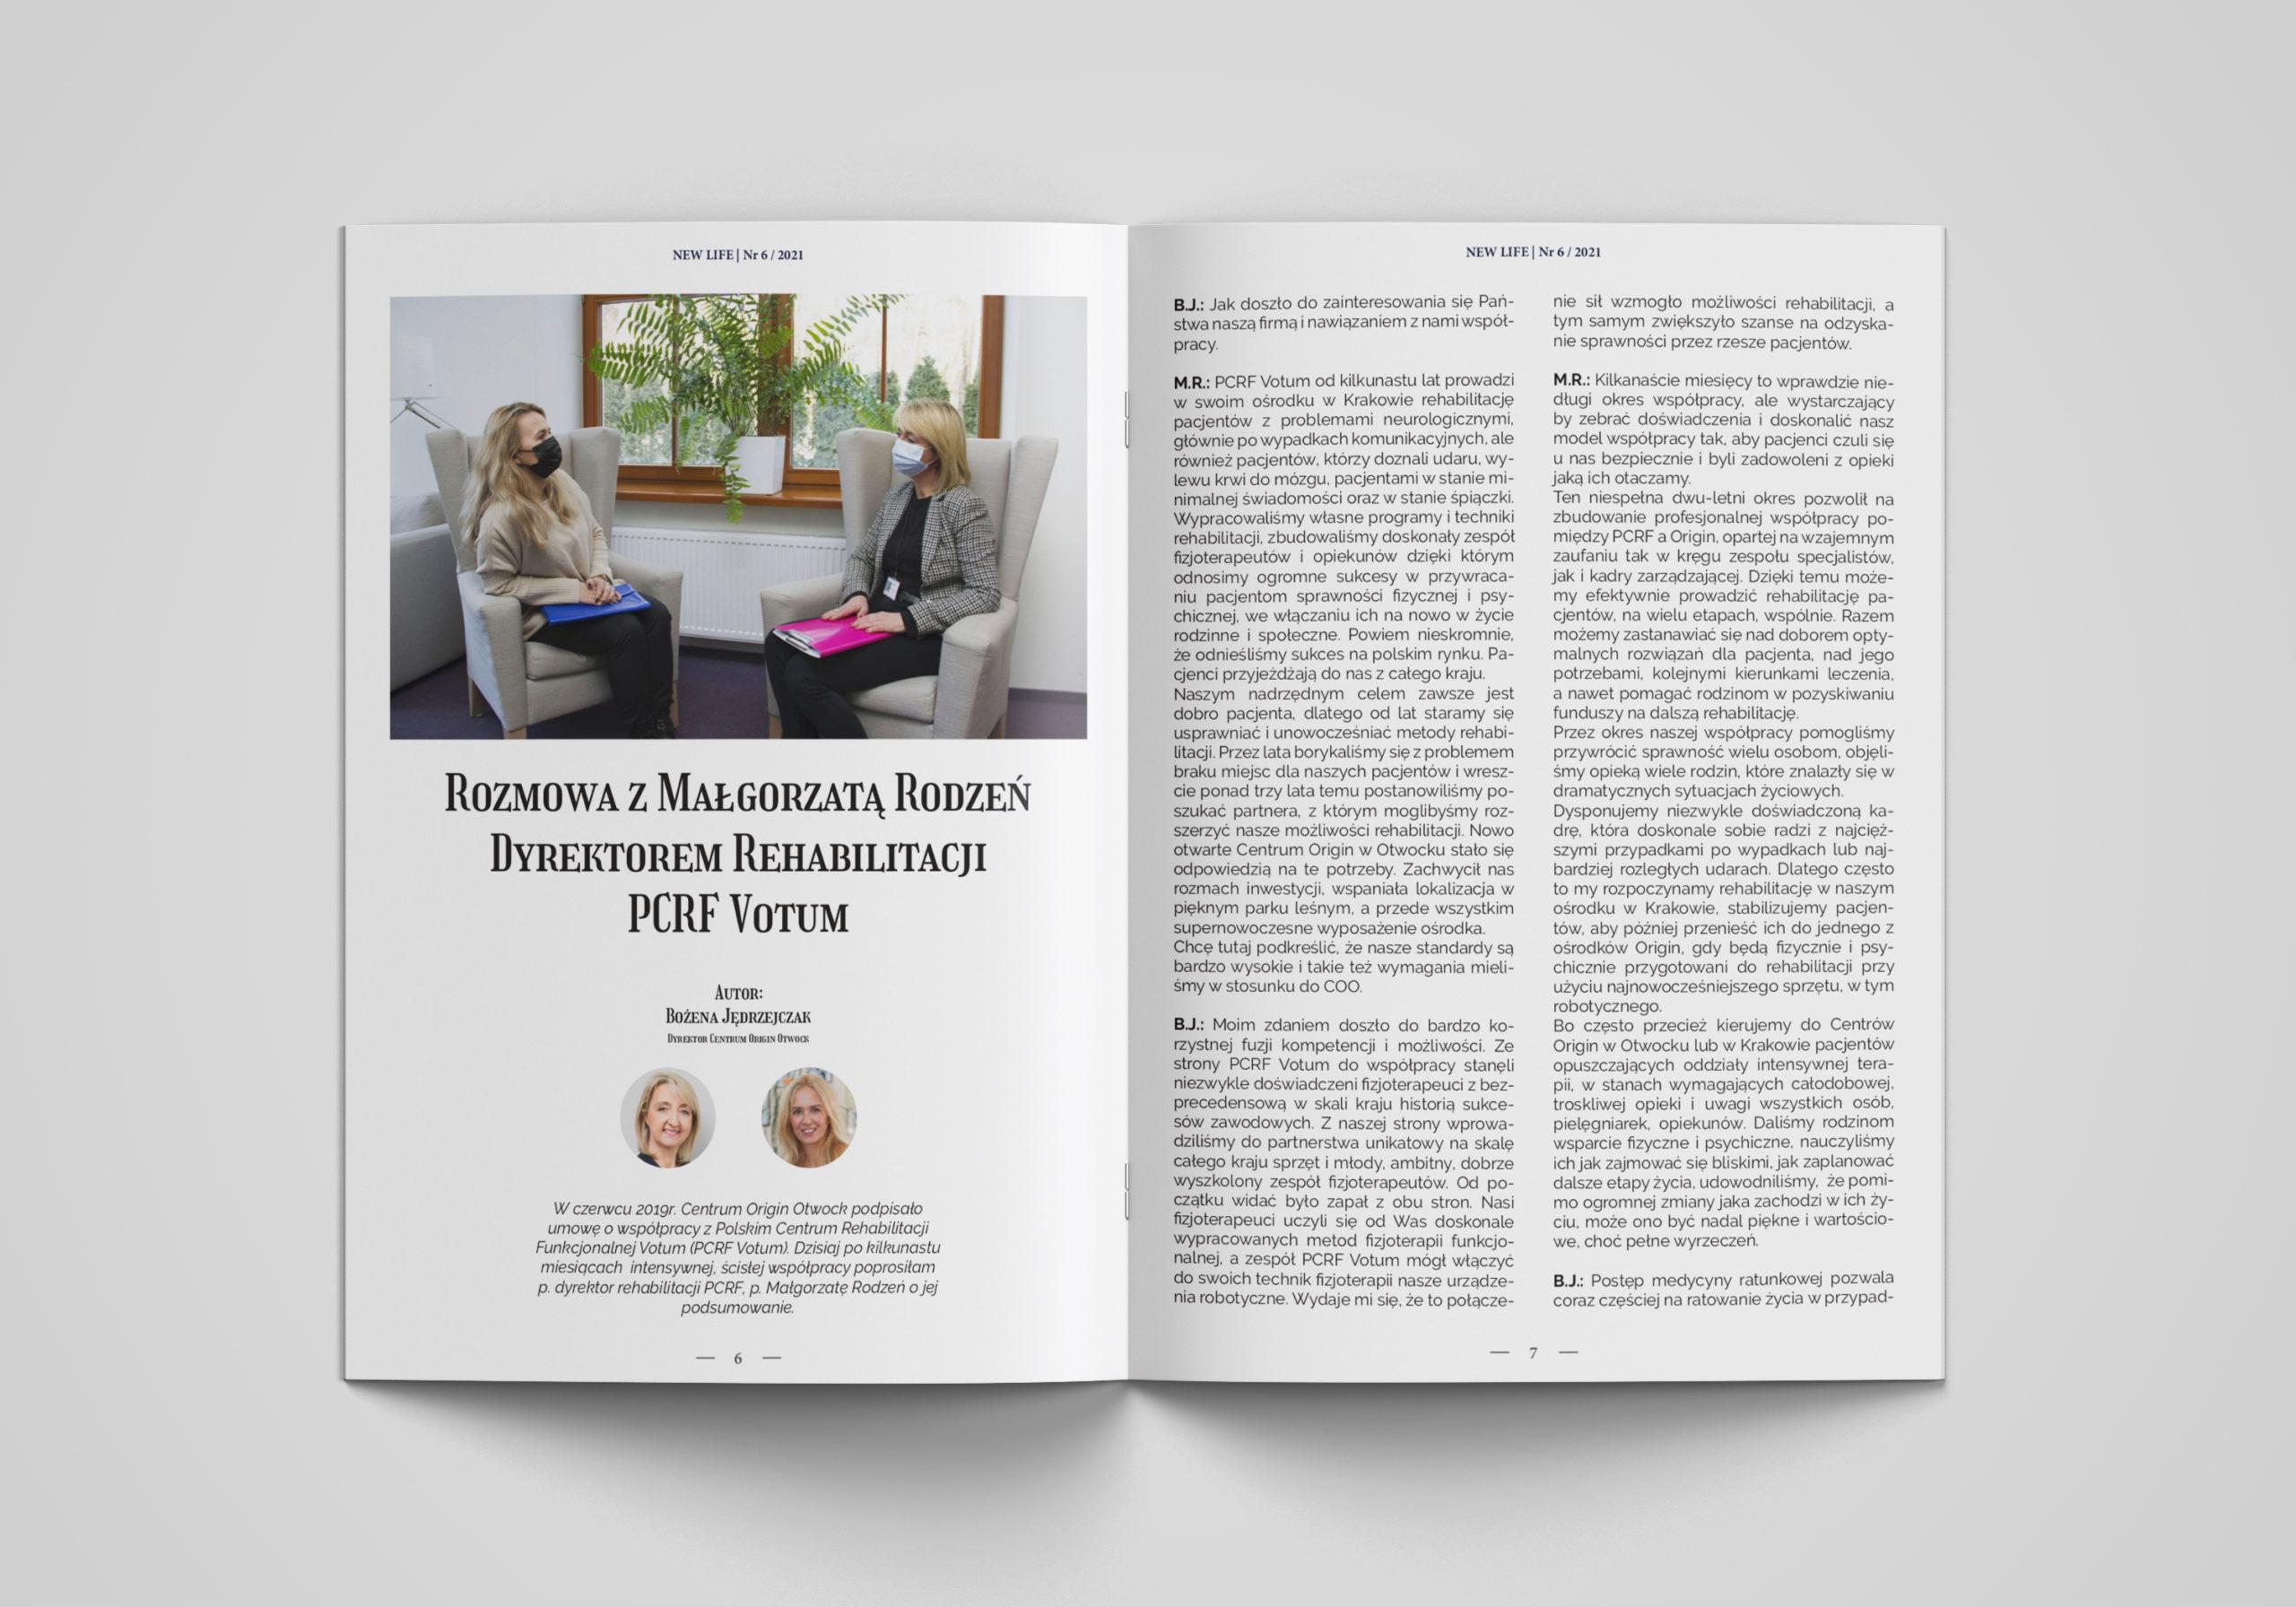 Magazyn NEW LIFE 6/2021, a w nim rozmowa z Małgorzatą Rodzeń